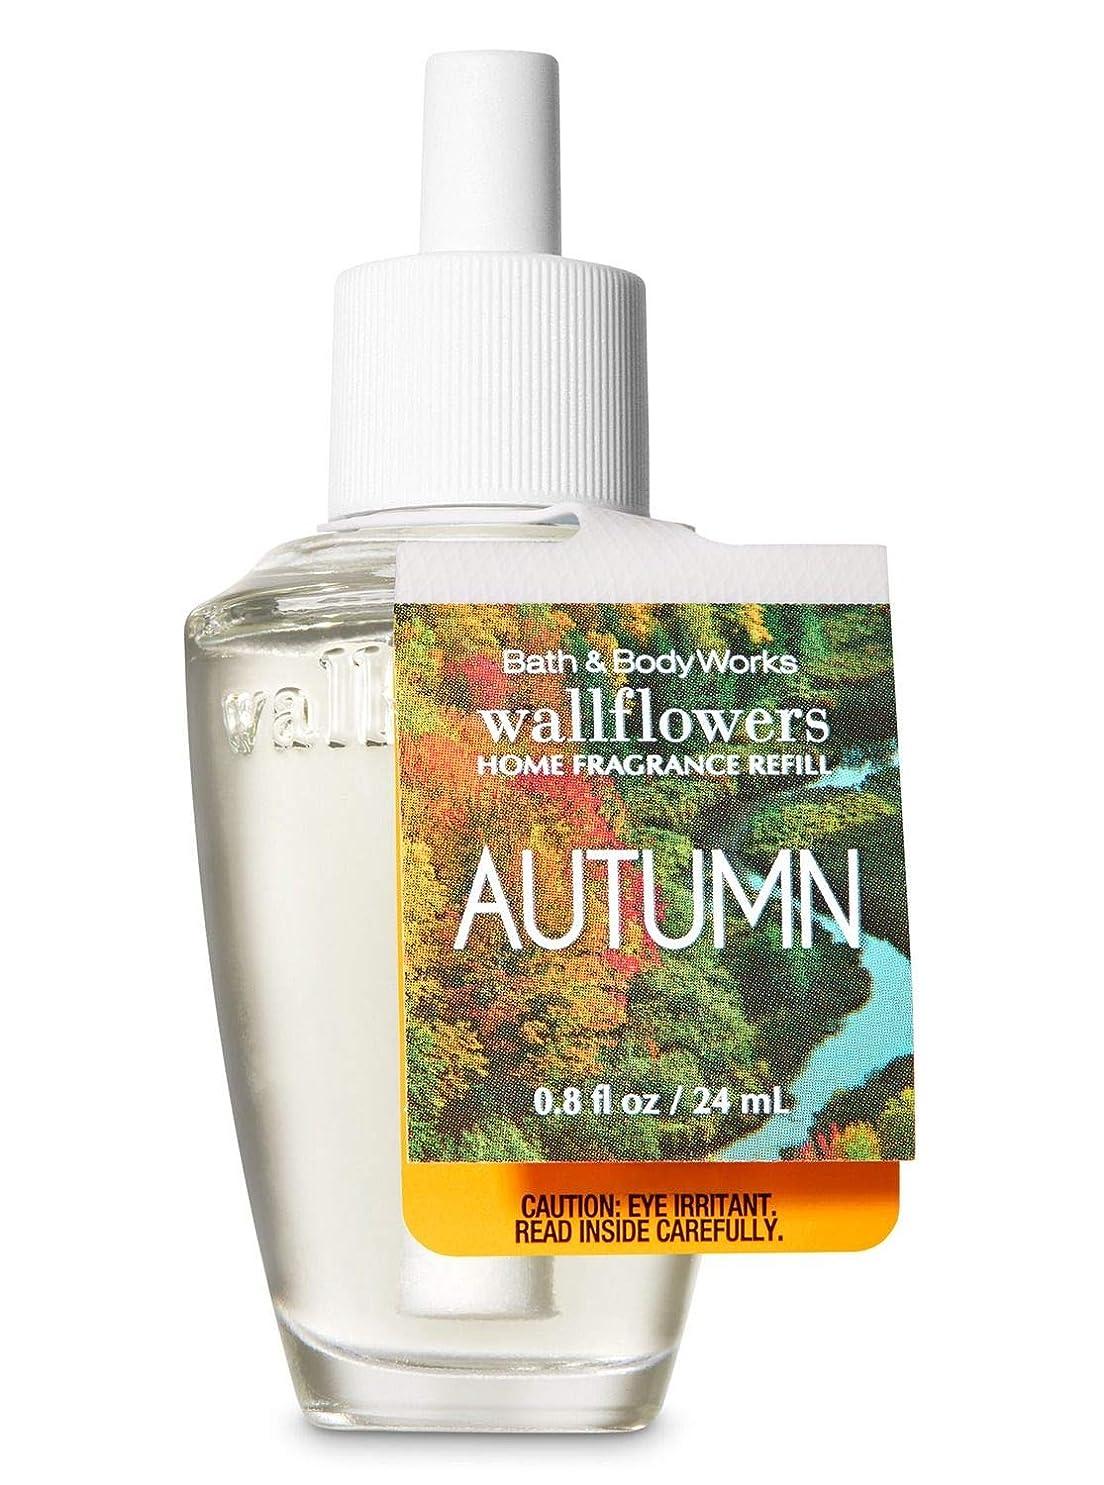 契約失業オデュッセウス【Bath&Body Works/バス&ボディワークス】 ルームフレグランス 詰替えリフィル オータム Wallflowers Home Fragrance Refill Autumn [並行輸入品]